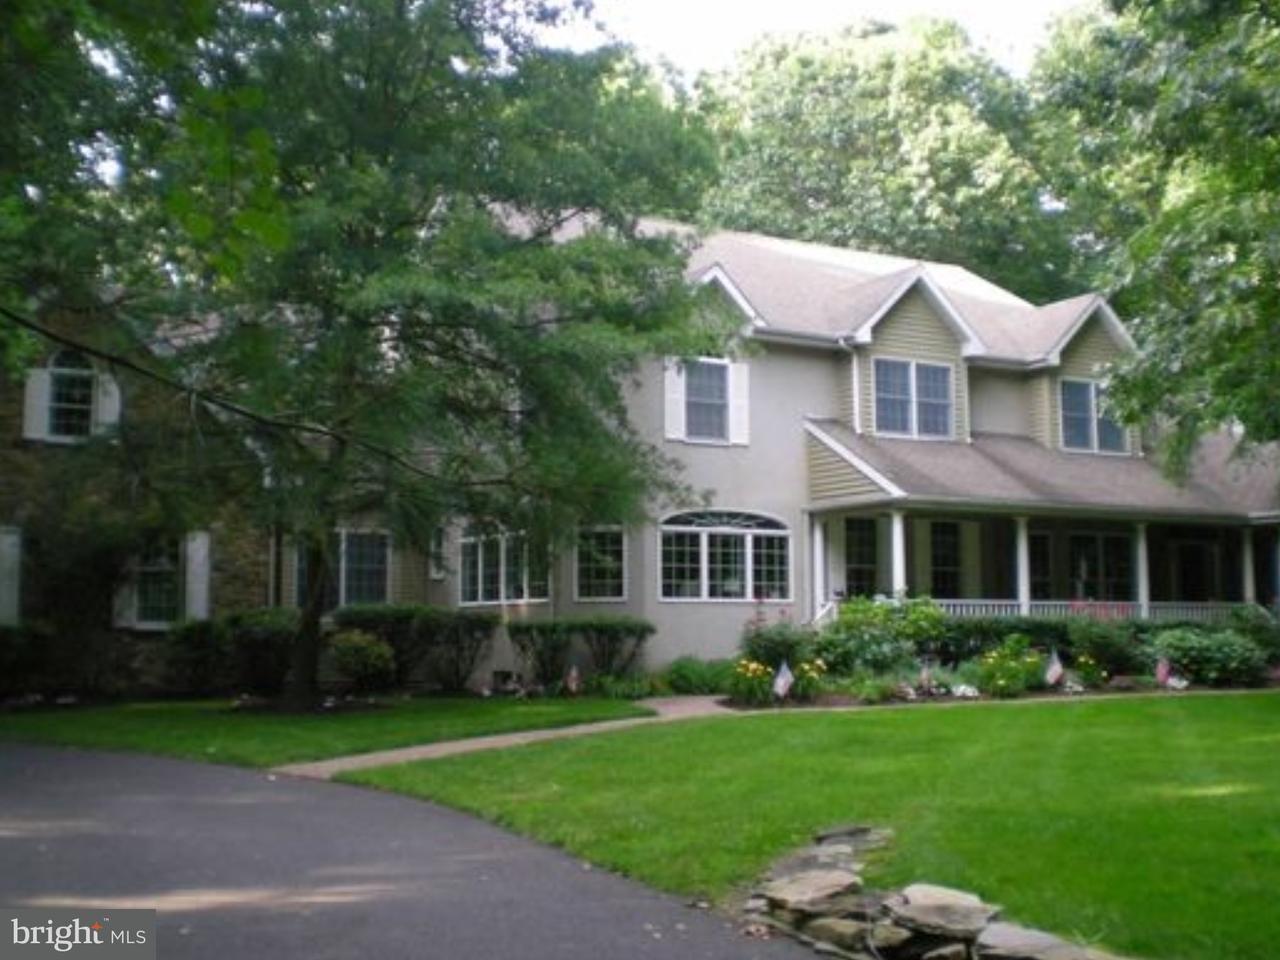 Maison unifamiliale pour l Vente à 5 SHAWNEE Drive Wenonah, New Jersey 08090 États-Unis